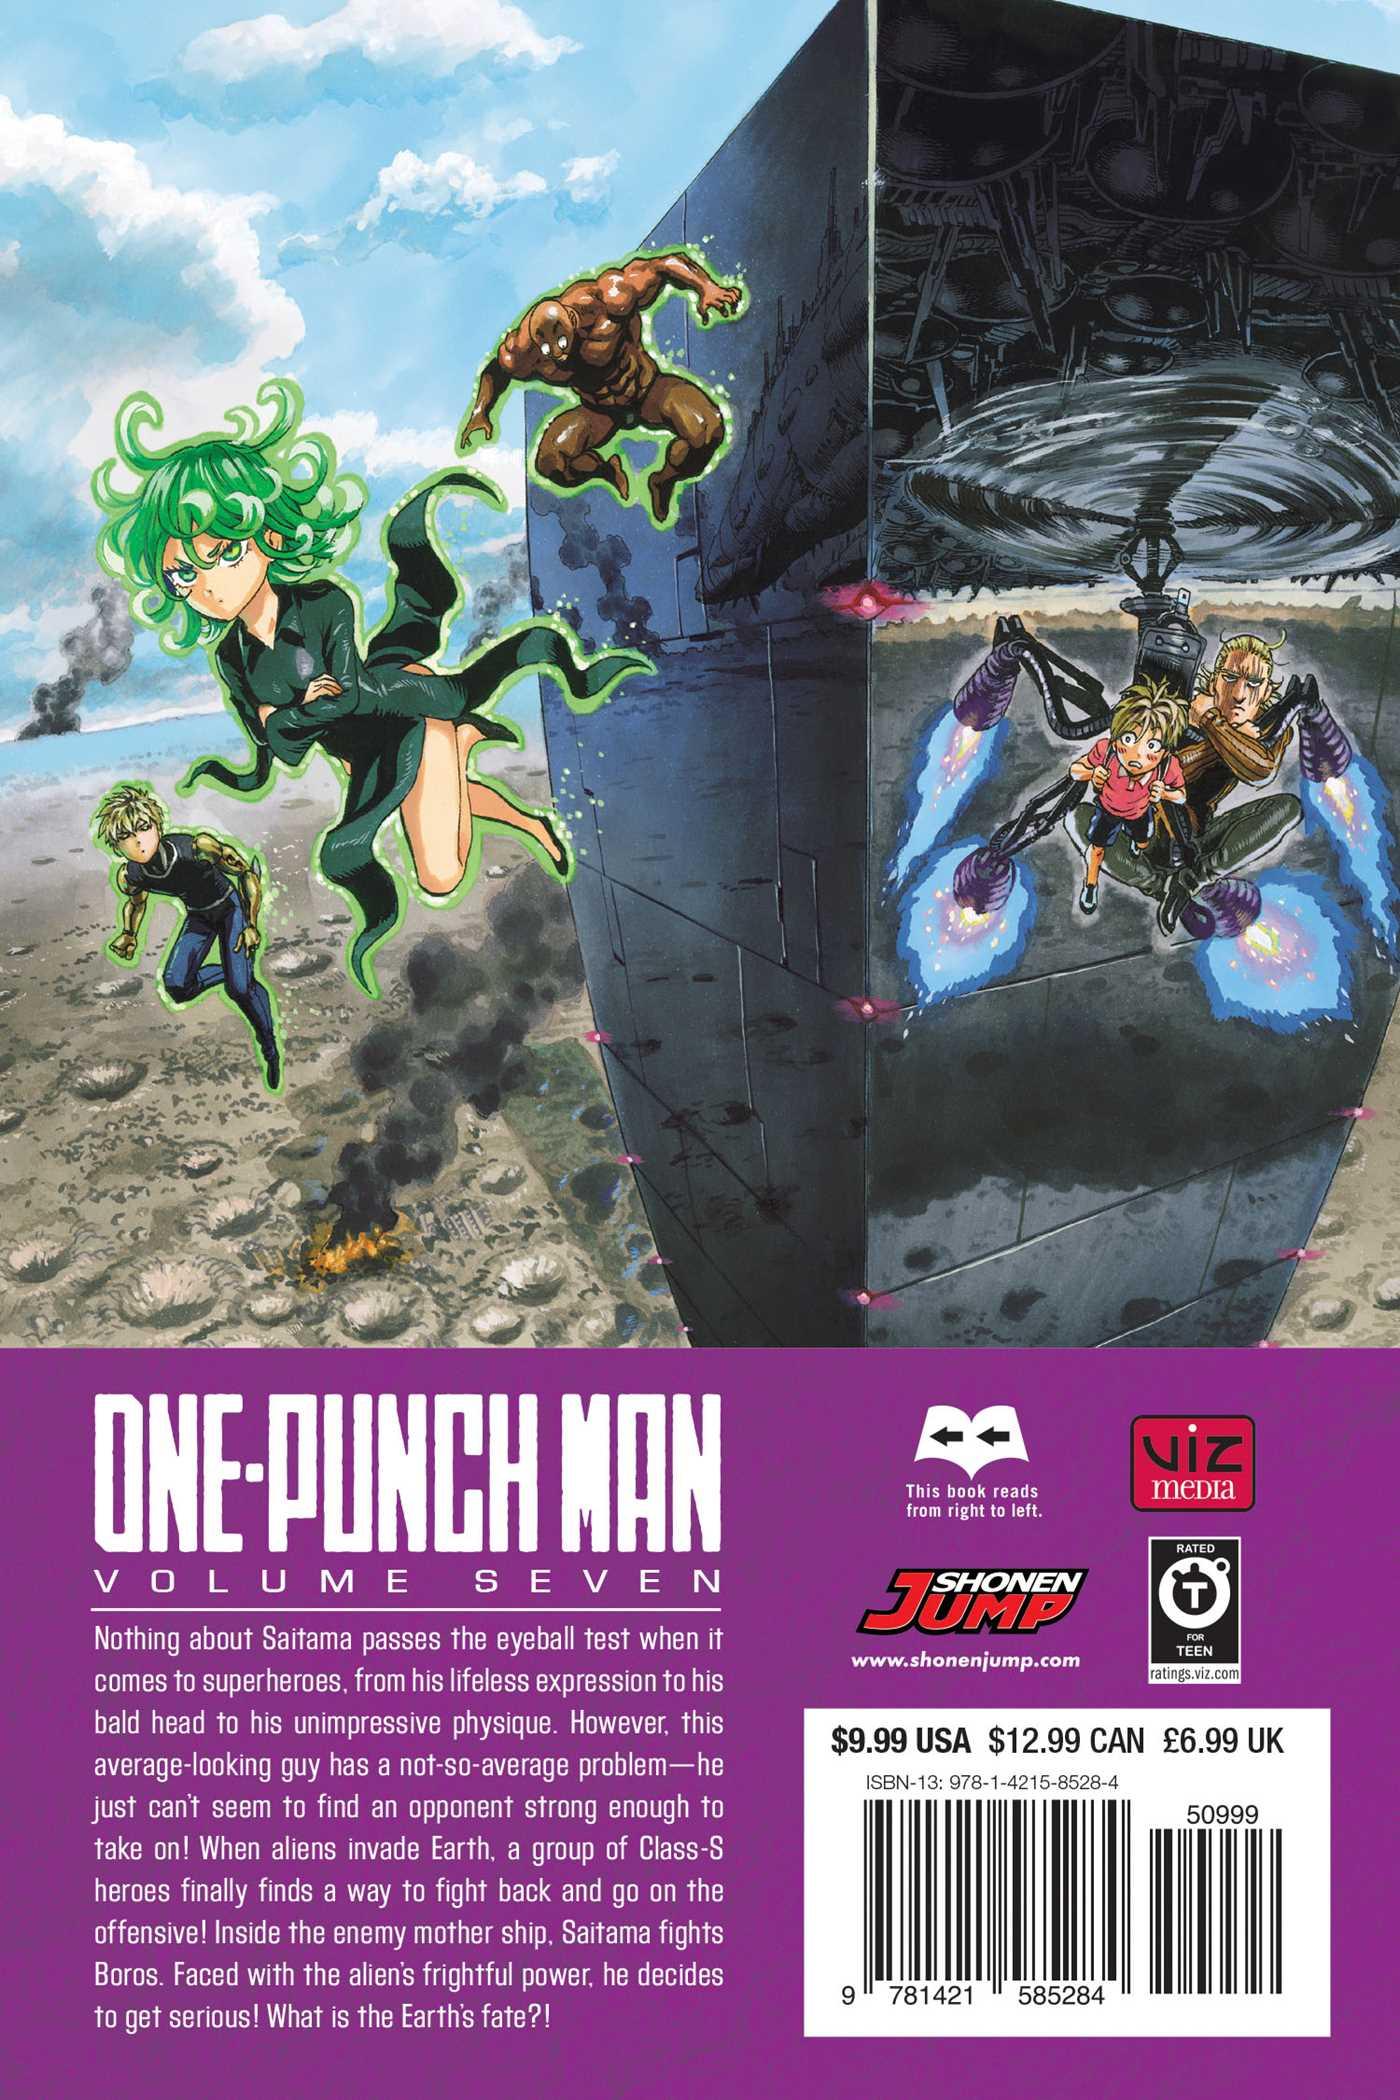 OnePunch Man Manga Volume 7